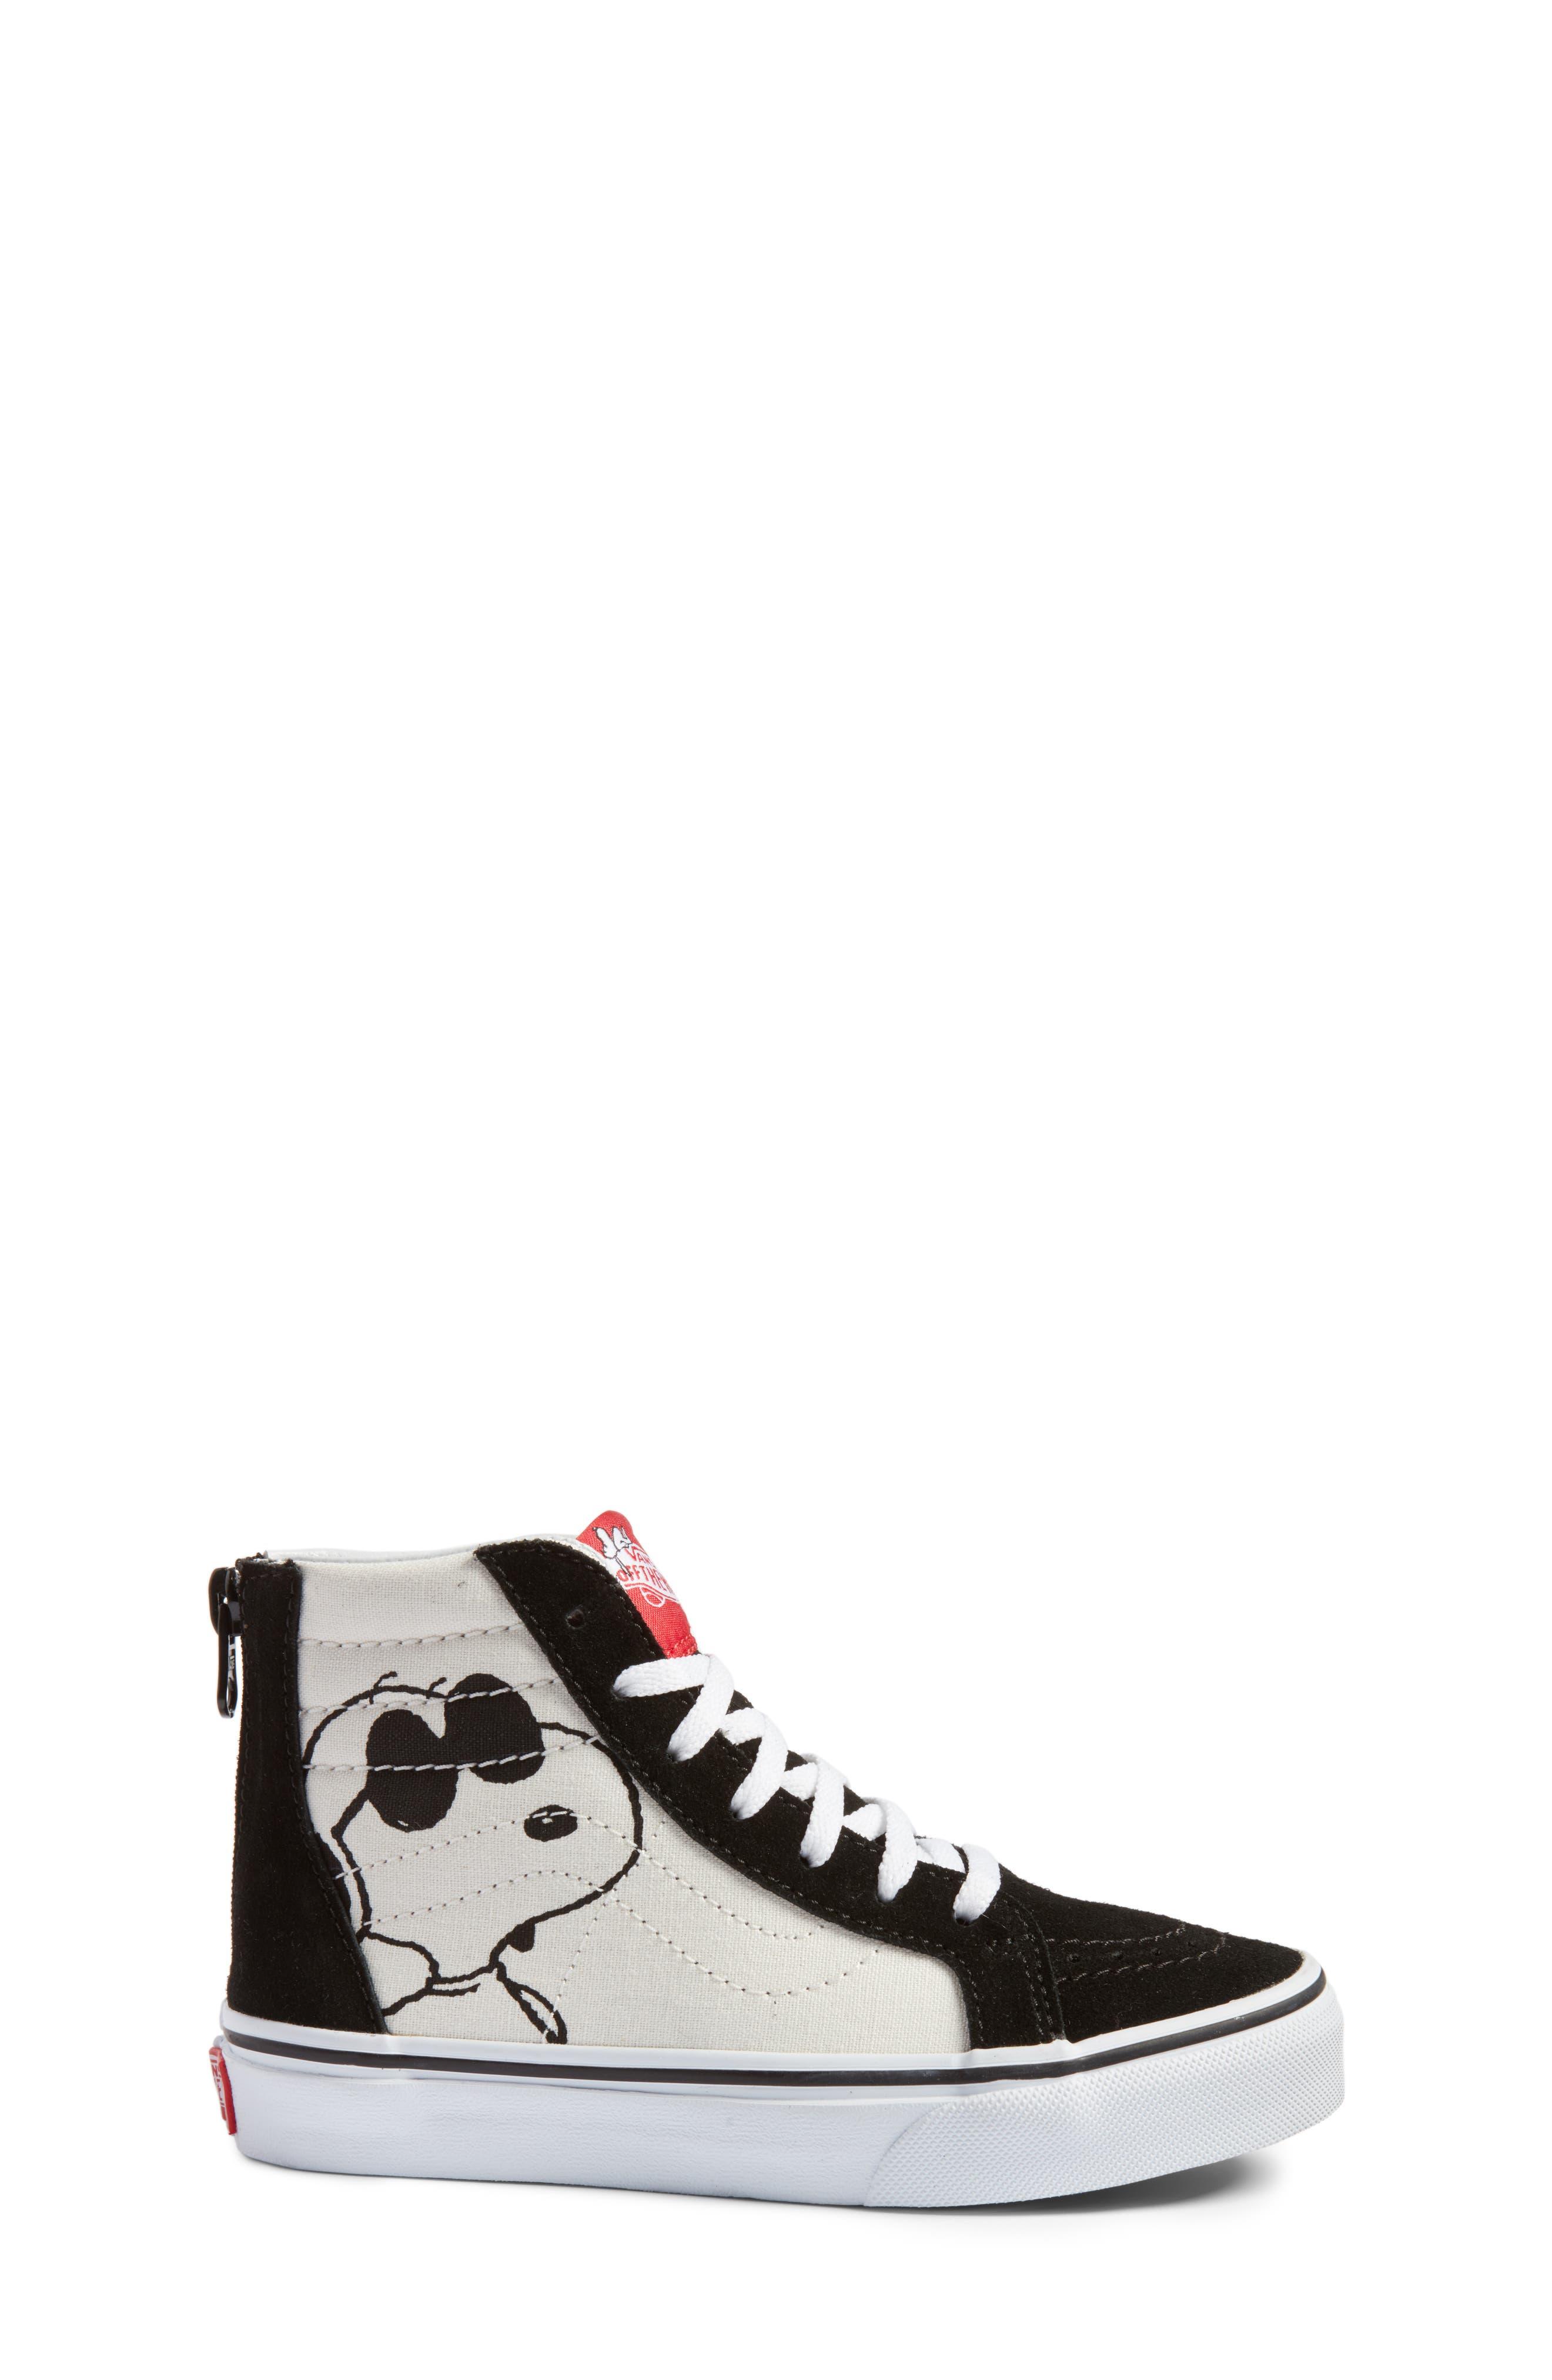 Alternate Image 3  - Vans x Peanuts SK8-Hi Sneaker (Toddler, Little Kid & Big Kid)